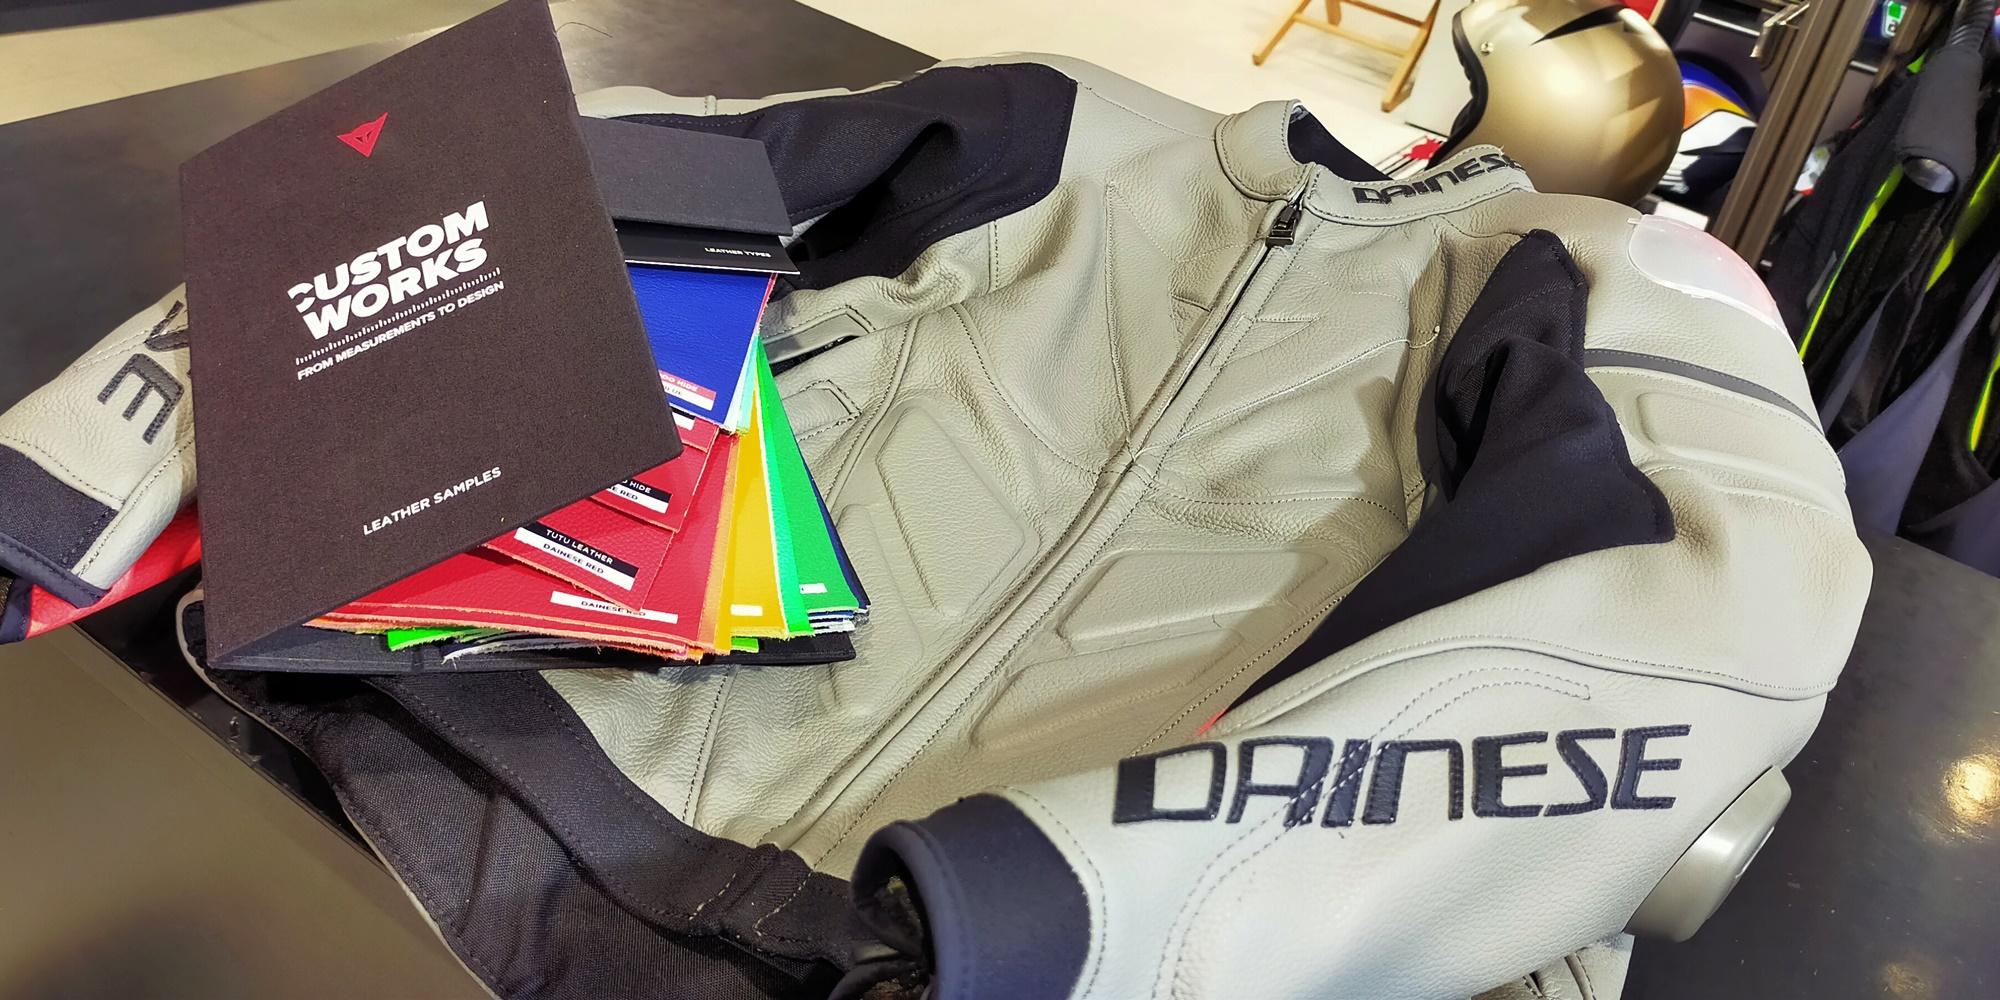 「CUSTOM WORKS」で世界で1着だけのジャケットを